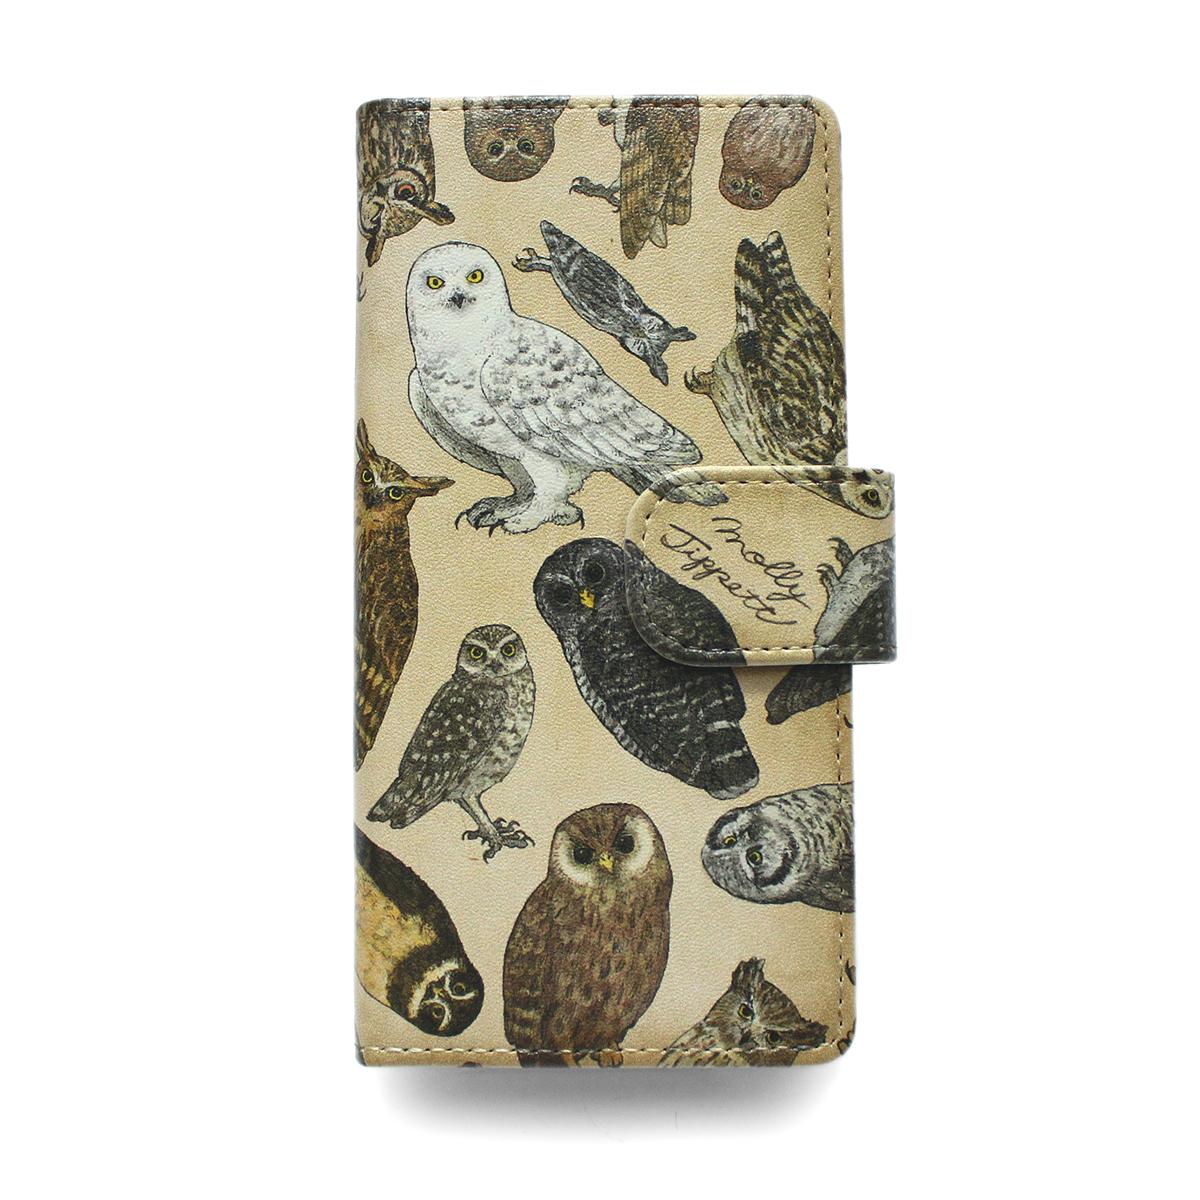 フクロウ目の鳥類/ スマートフォンケース(iPhone8/iPhone7/6s/6兼用)